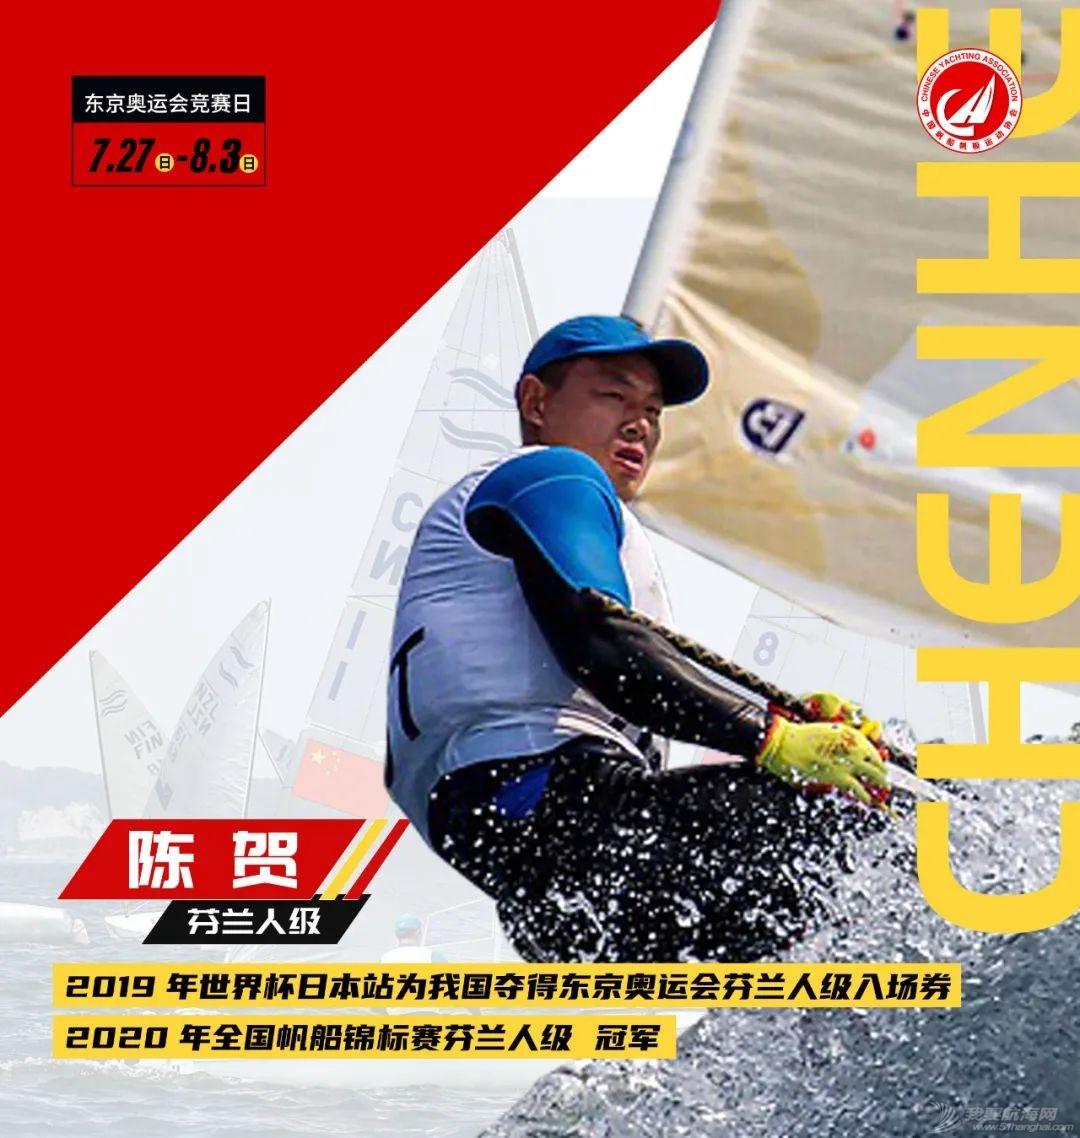 东京奥运会帆船比赛开赛在即,这份观赛指南请收好   扬帆东京-Day14w22.jpg